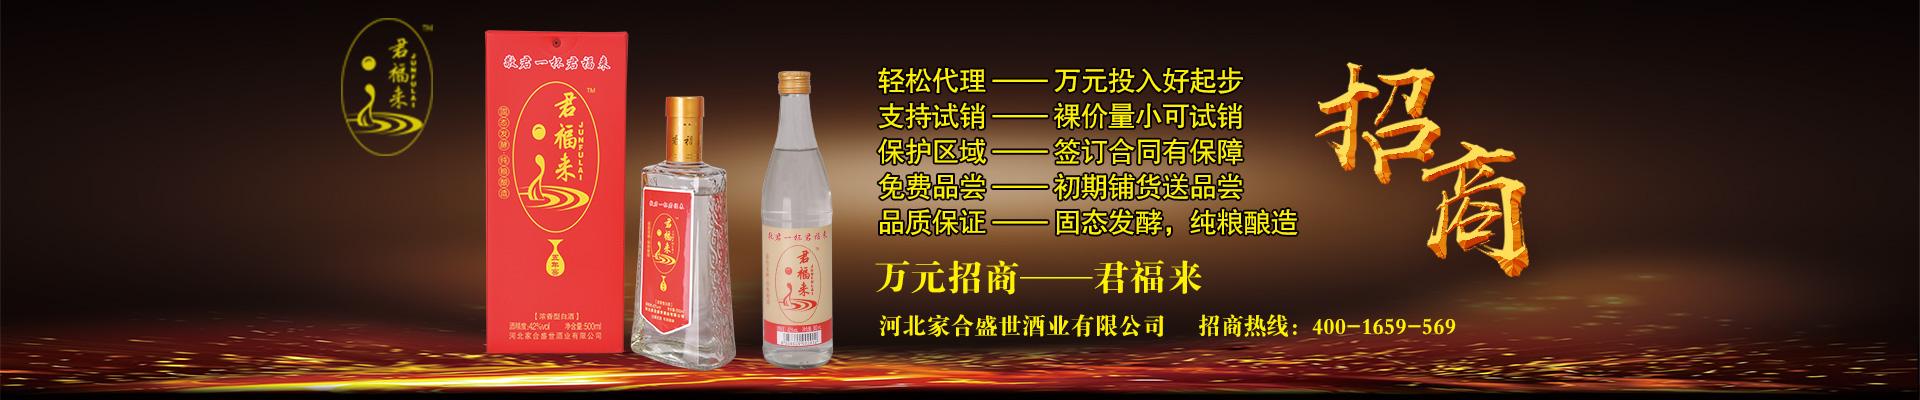 河北家合盛世酒业有限公司